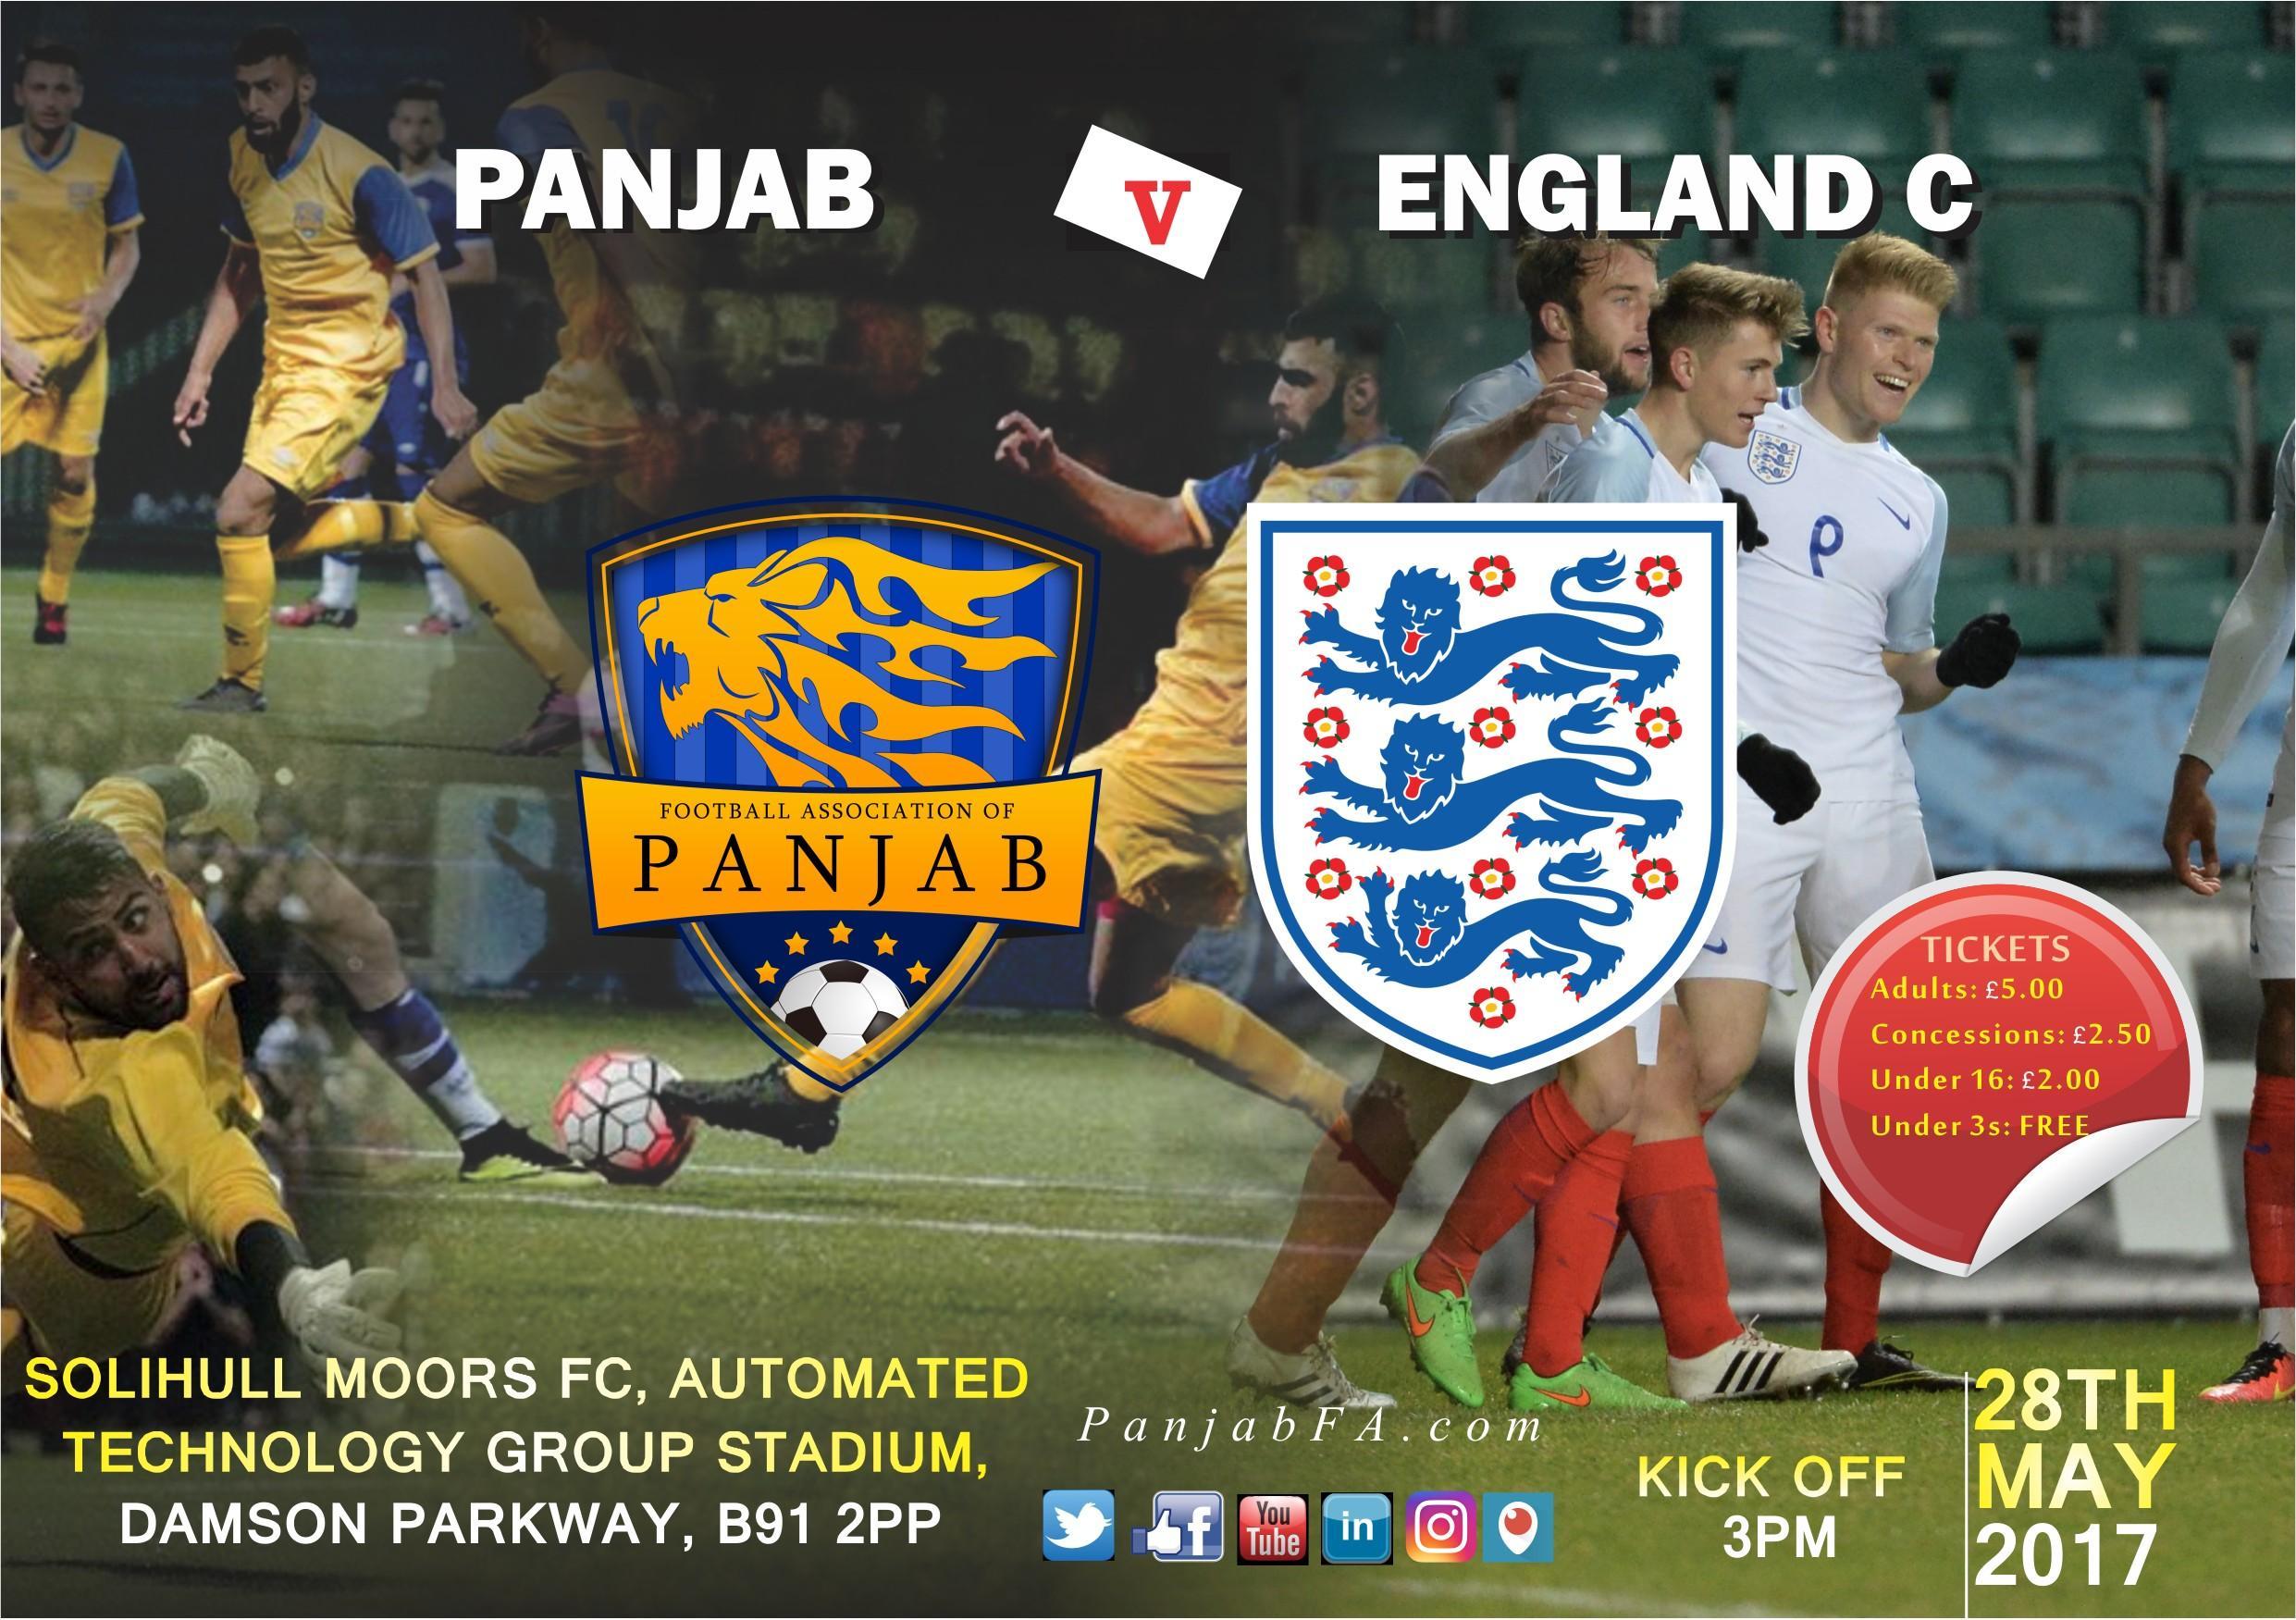 PANJAB FA vs ENGLAND C